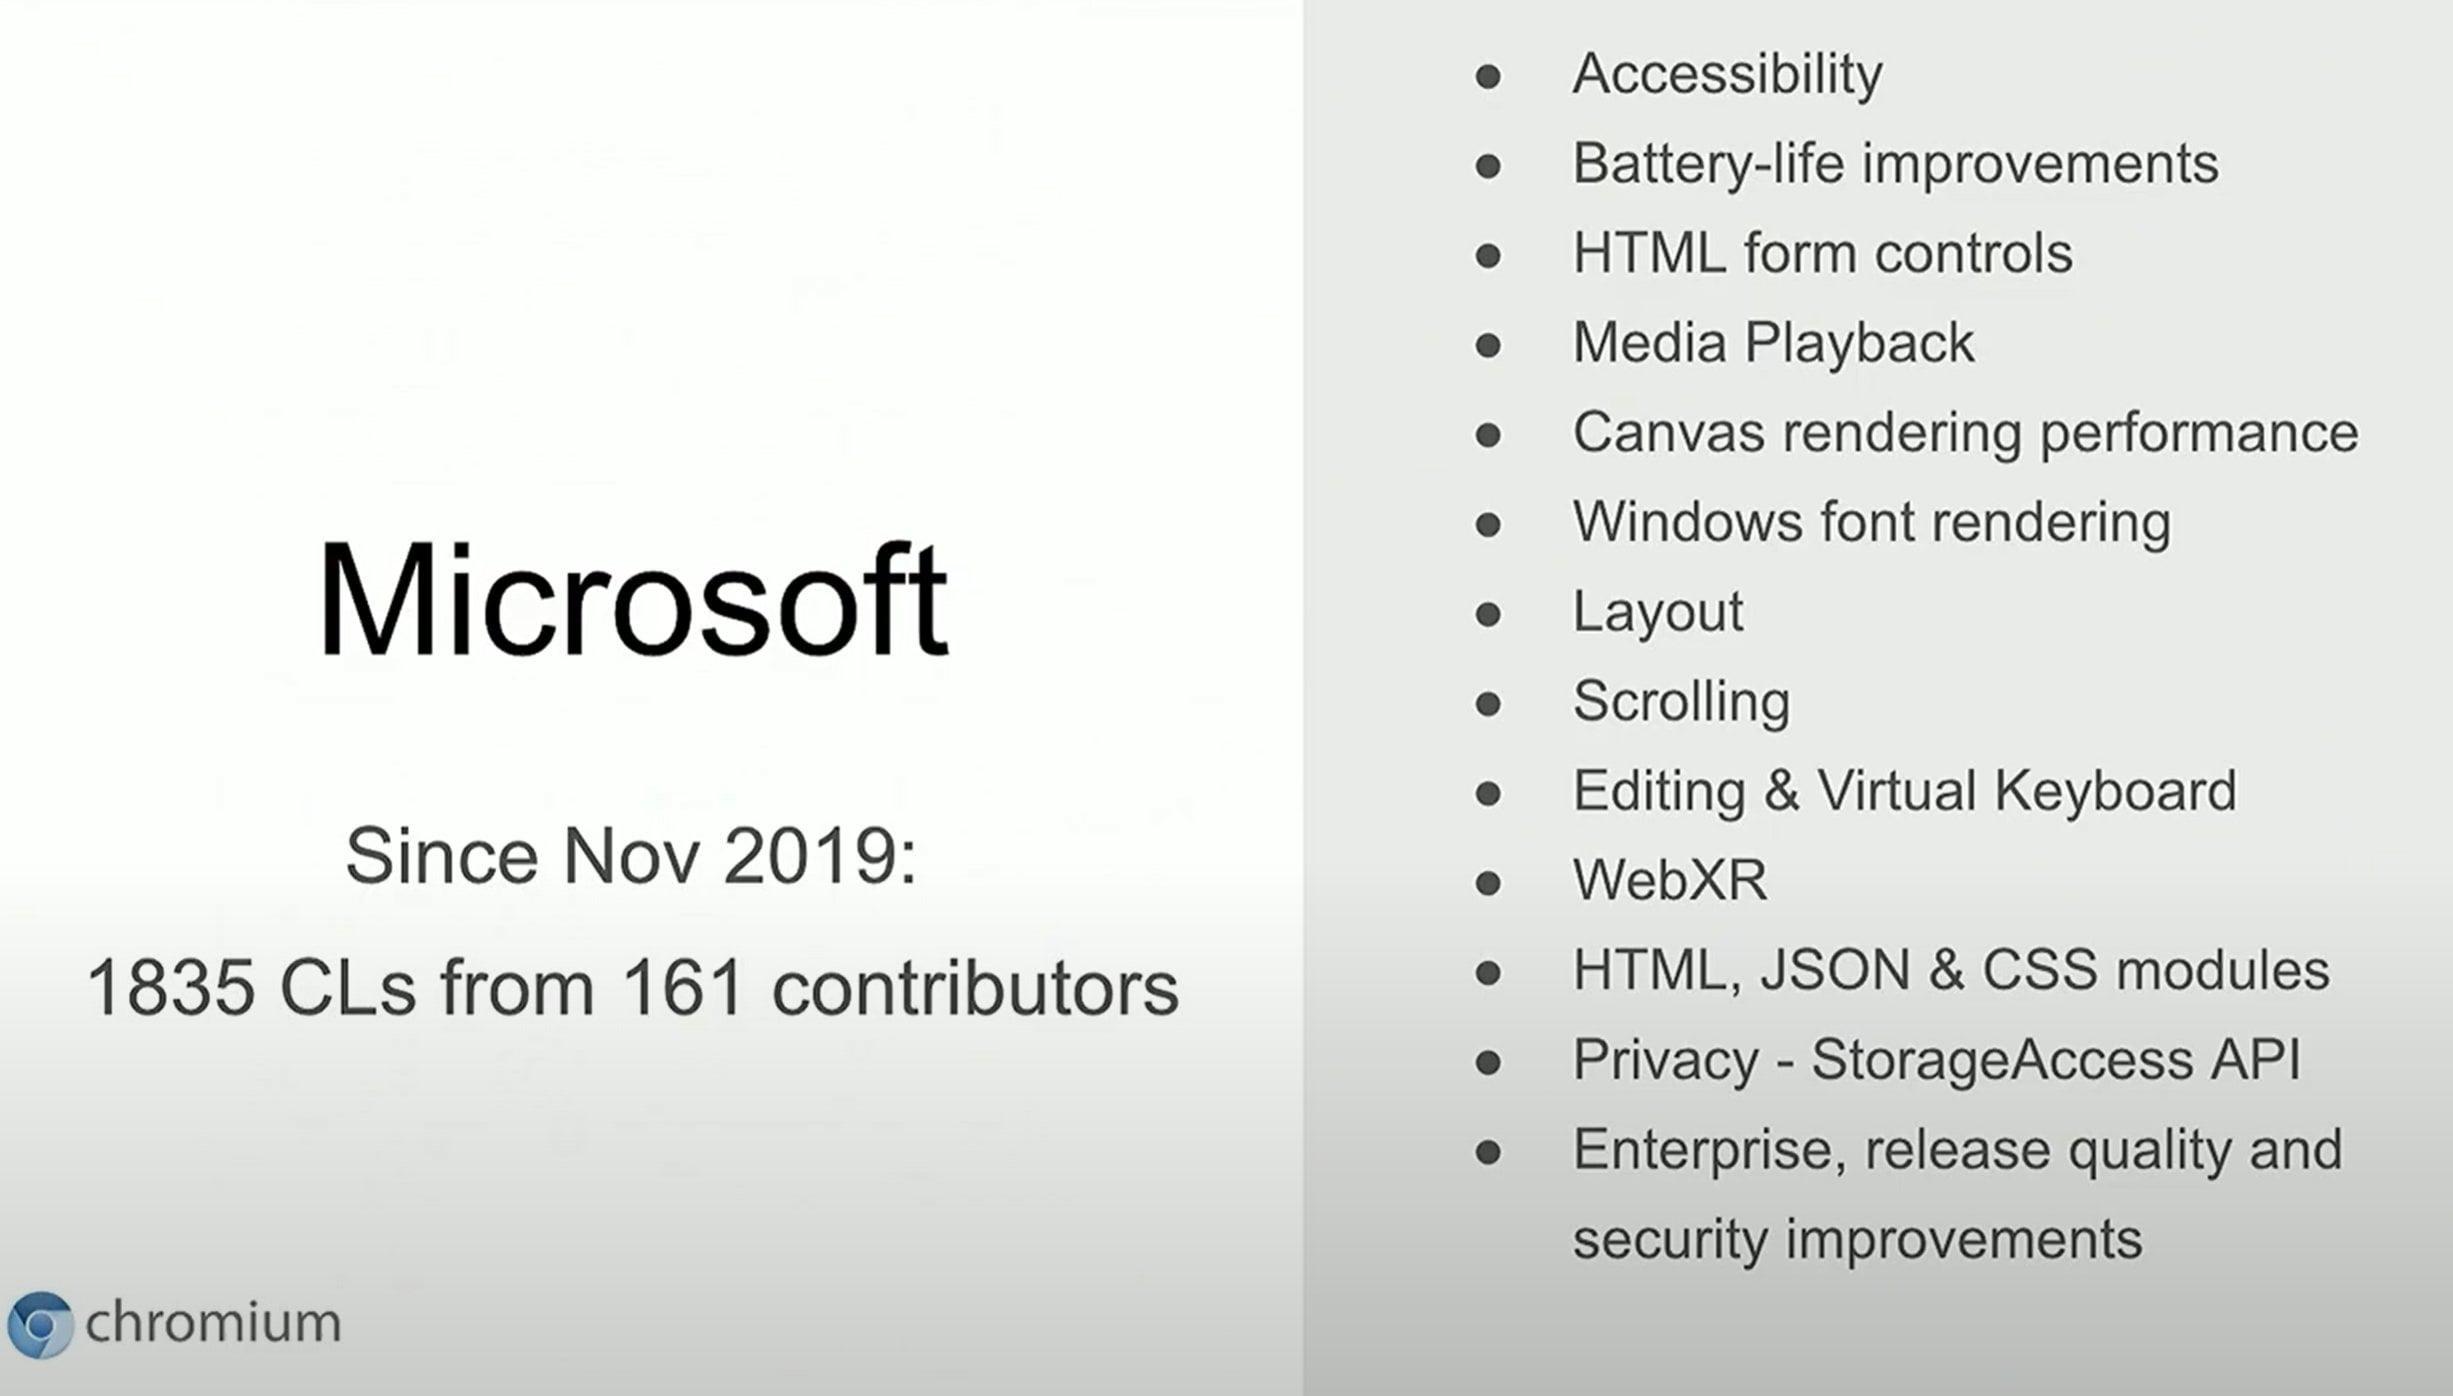 Lista de cambios clave que Microsoft ha realizado en el motor de Google Chrome